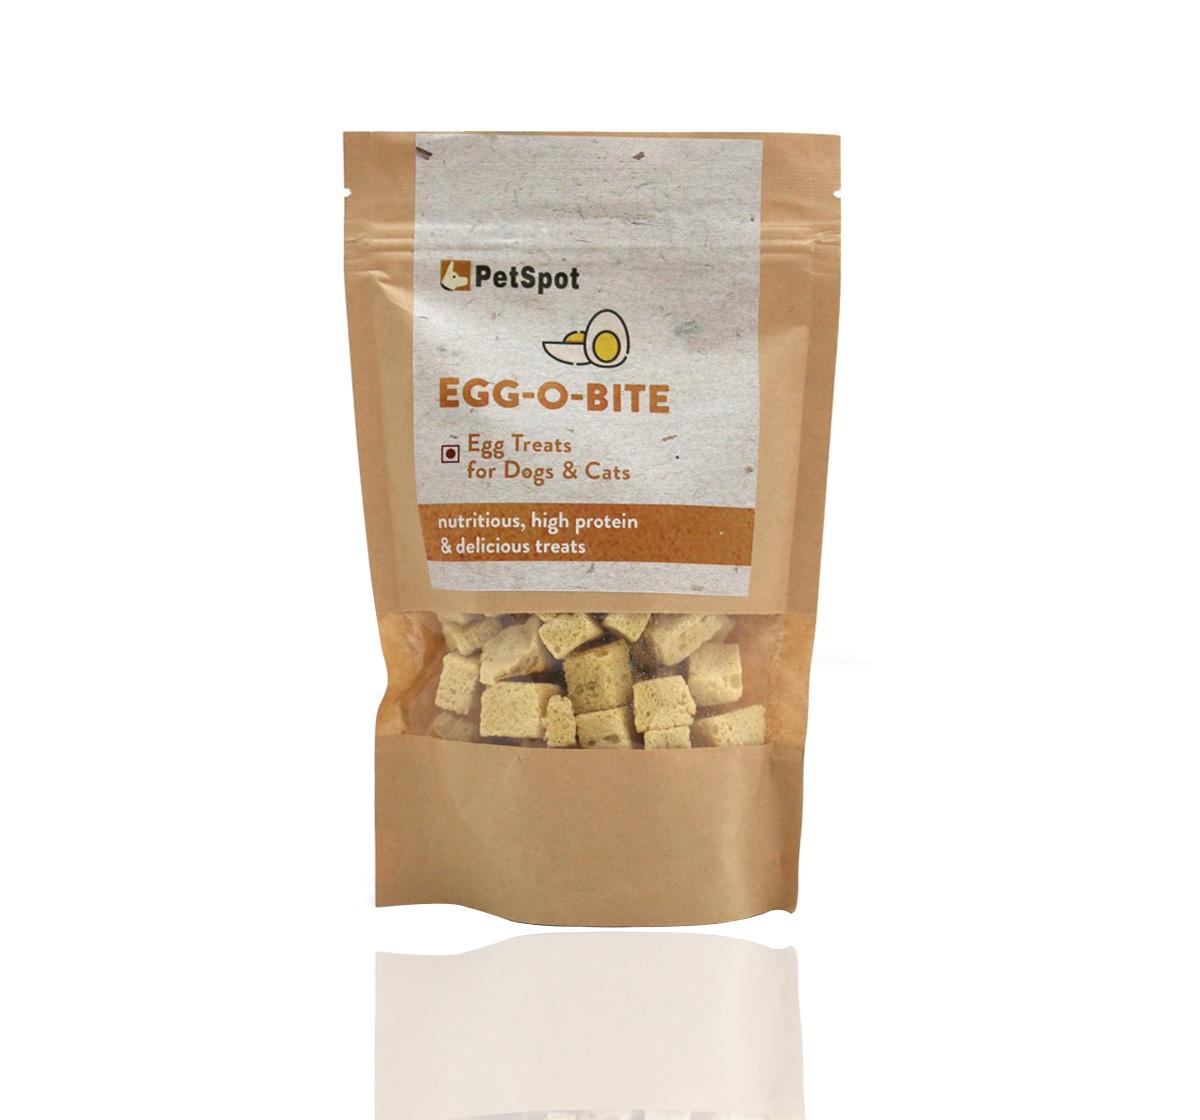 PetSpot Egg-O-Bite Egg Treat - 40 gm (Pack of 5)